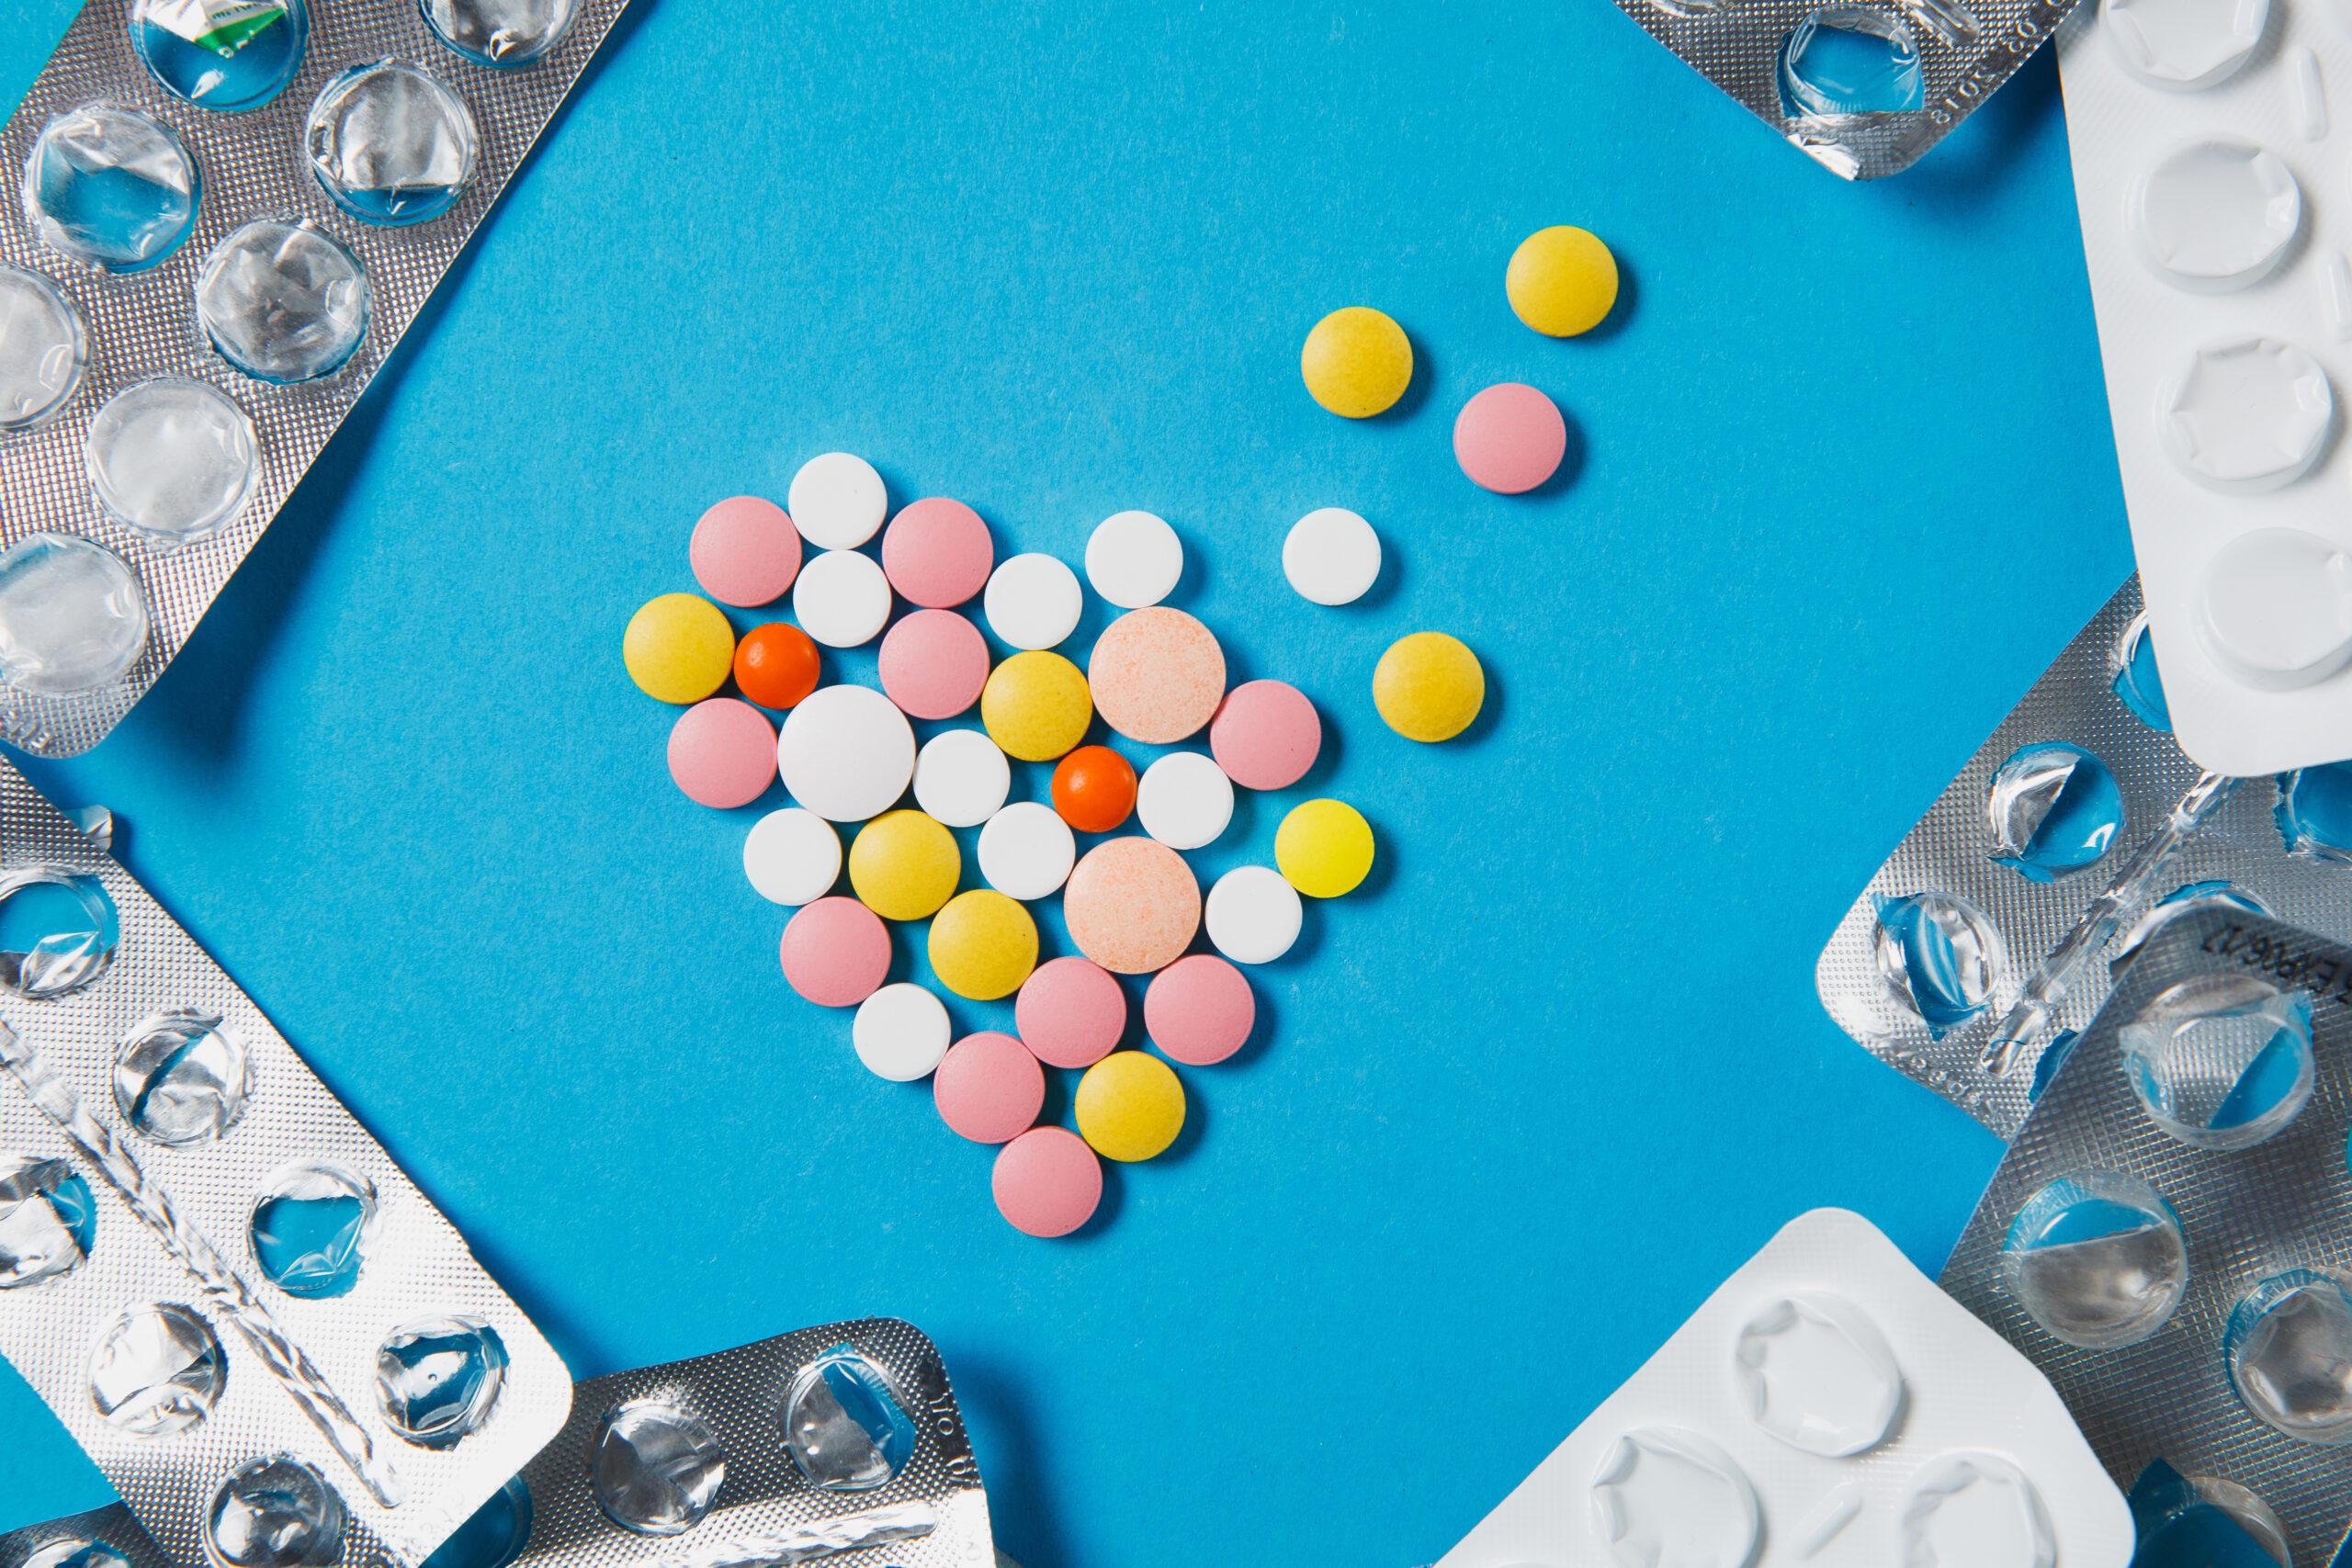 Medycyna Holistyczna Placebo